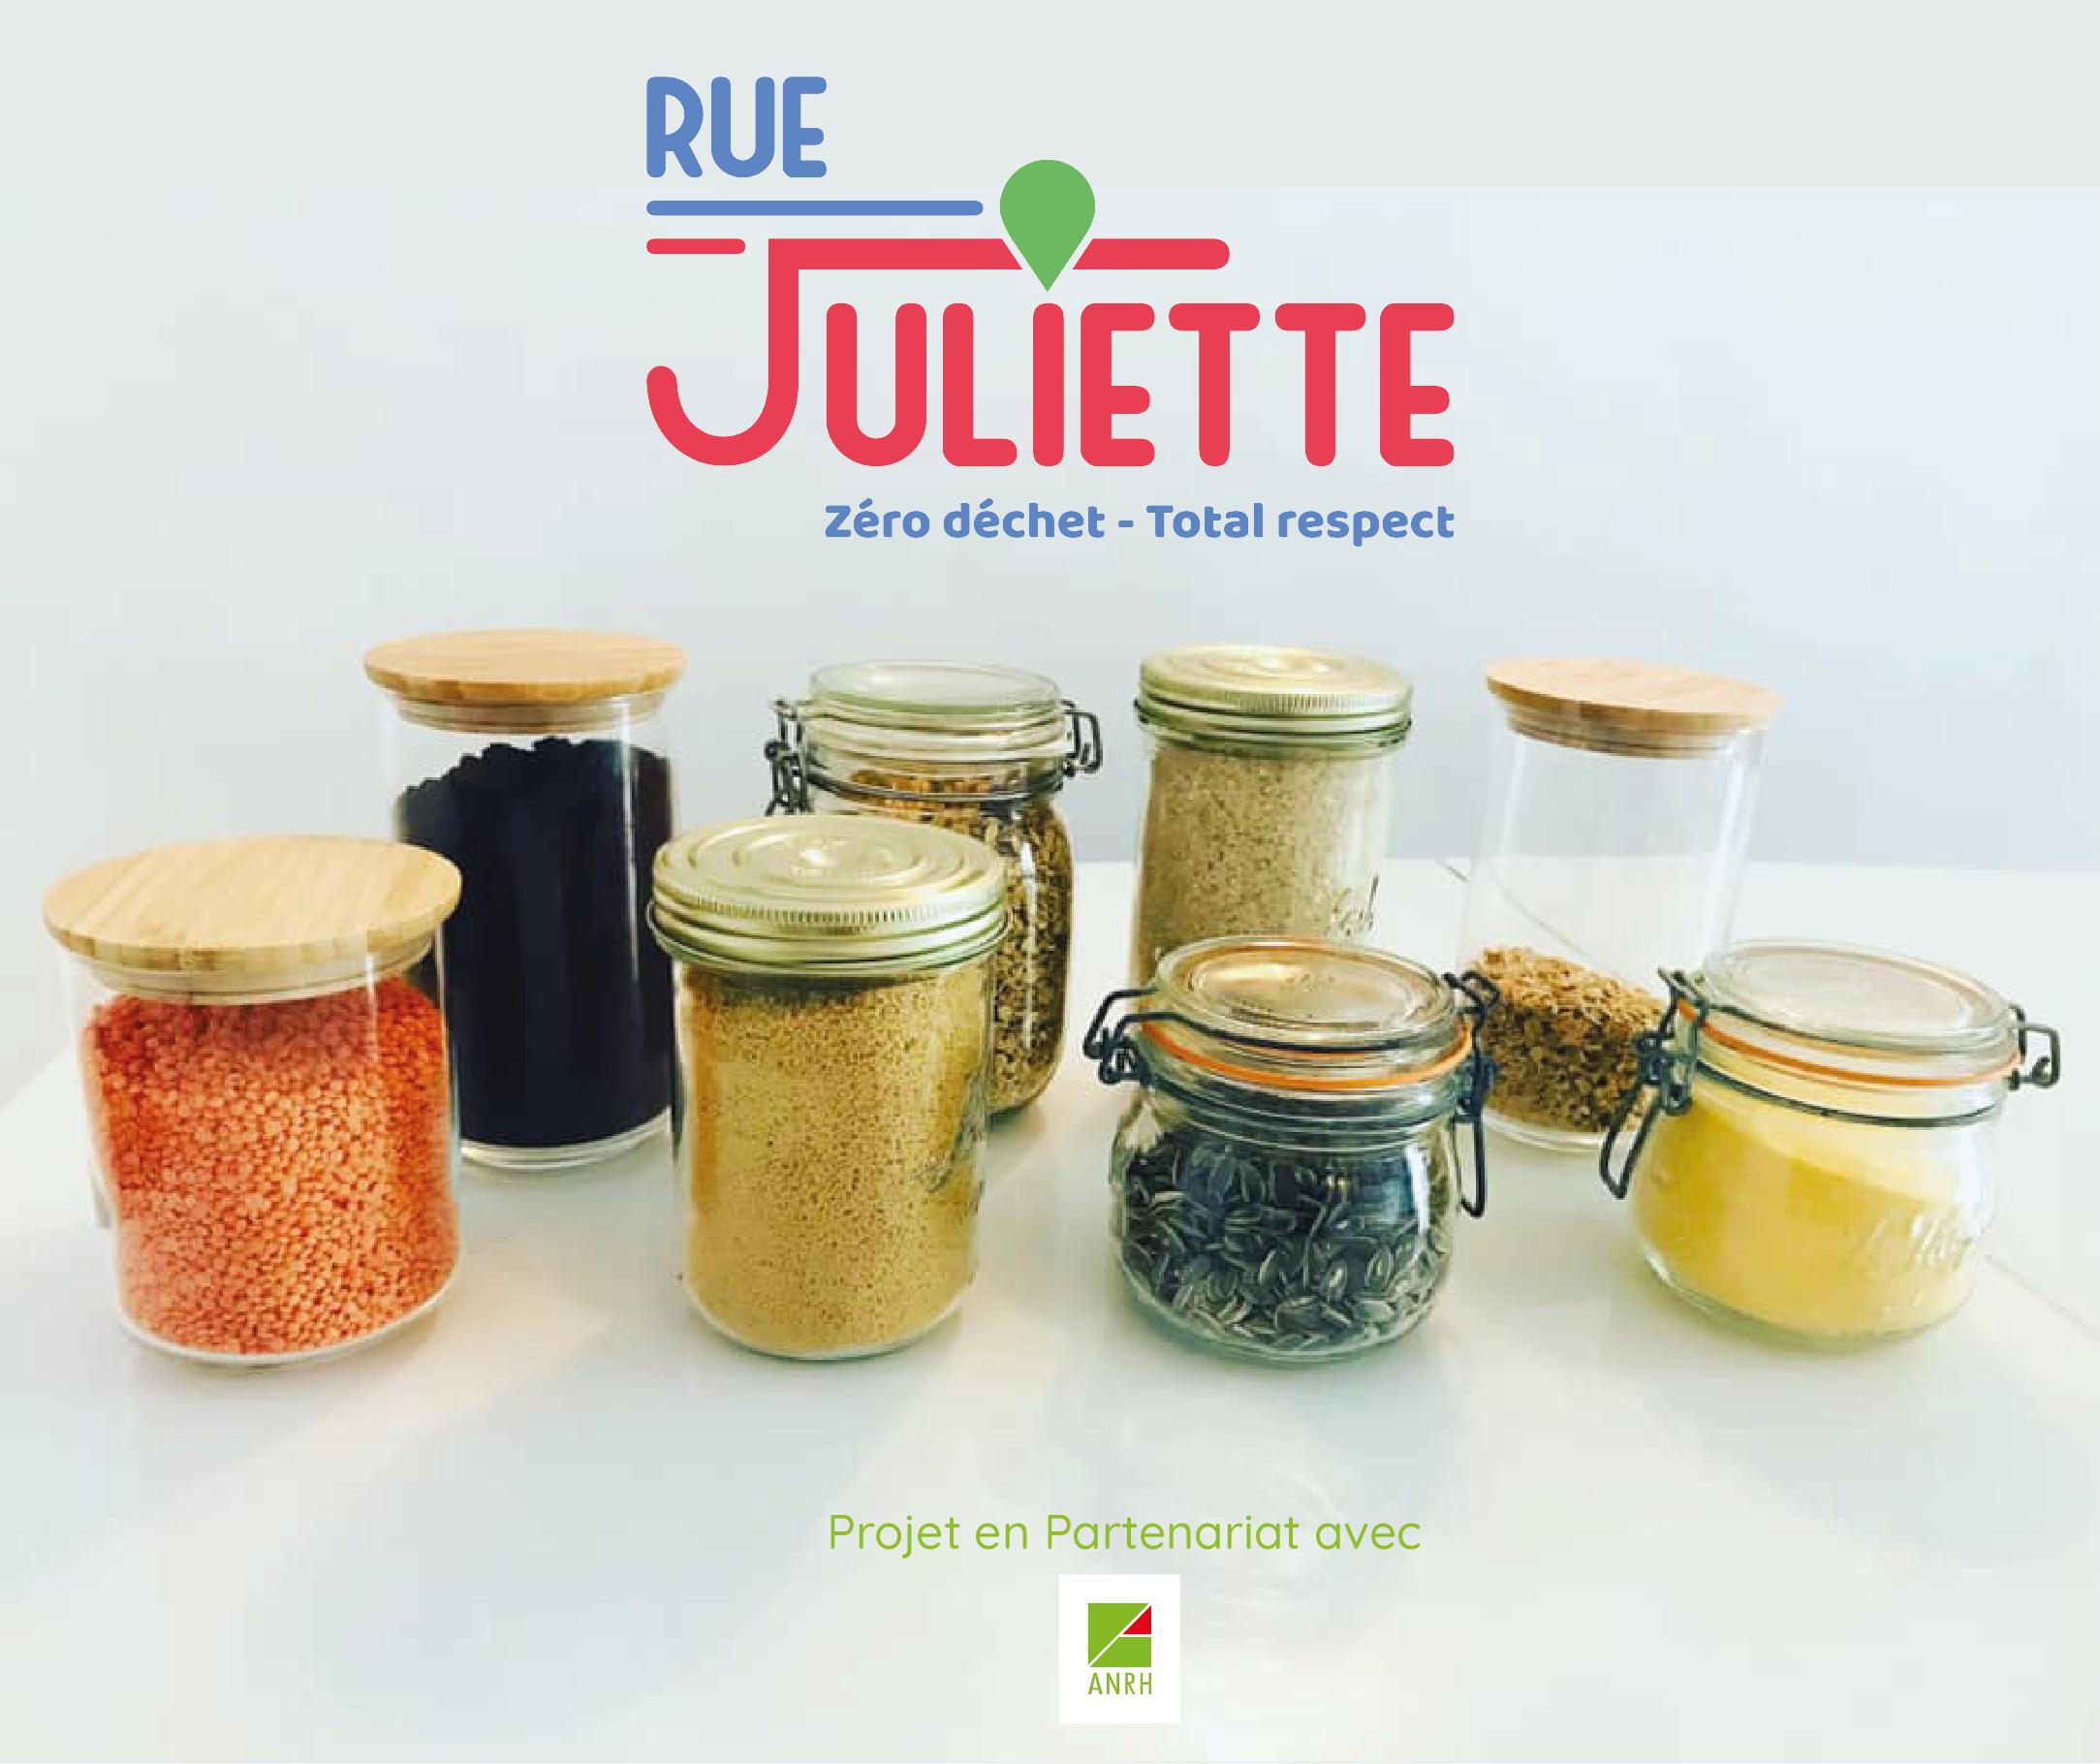 Partenariat ANRH et Rue Juliette